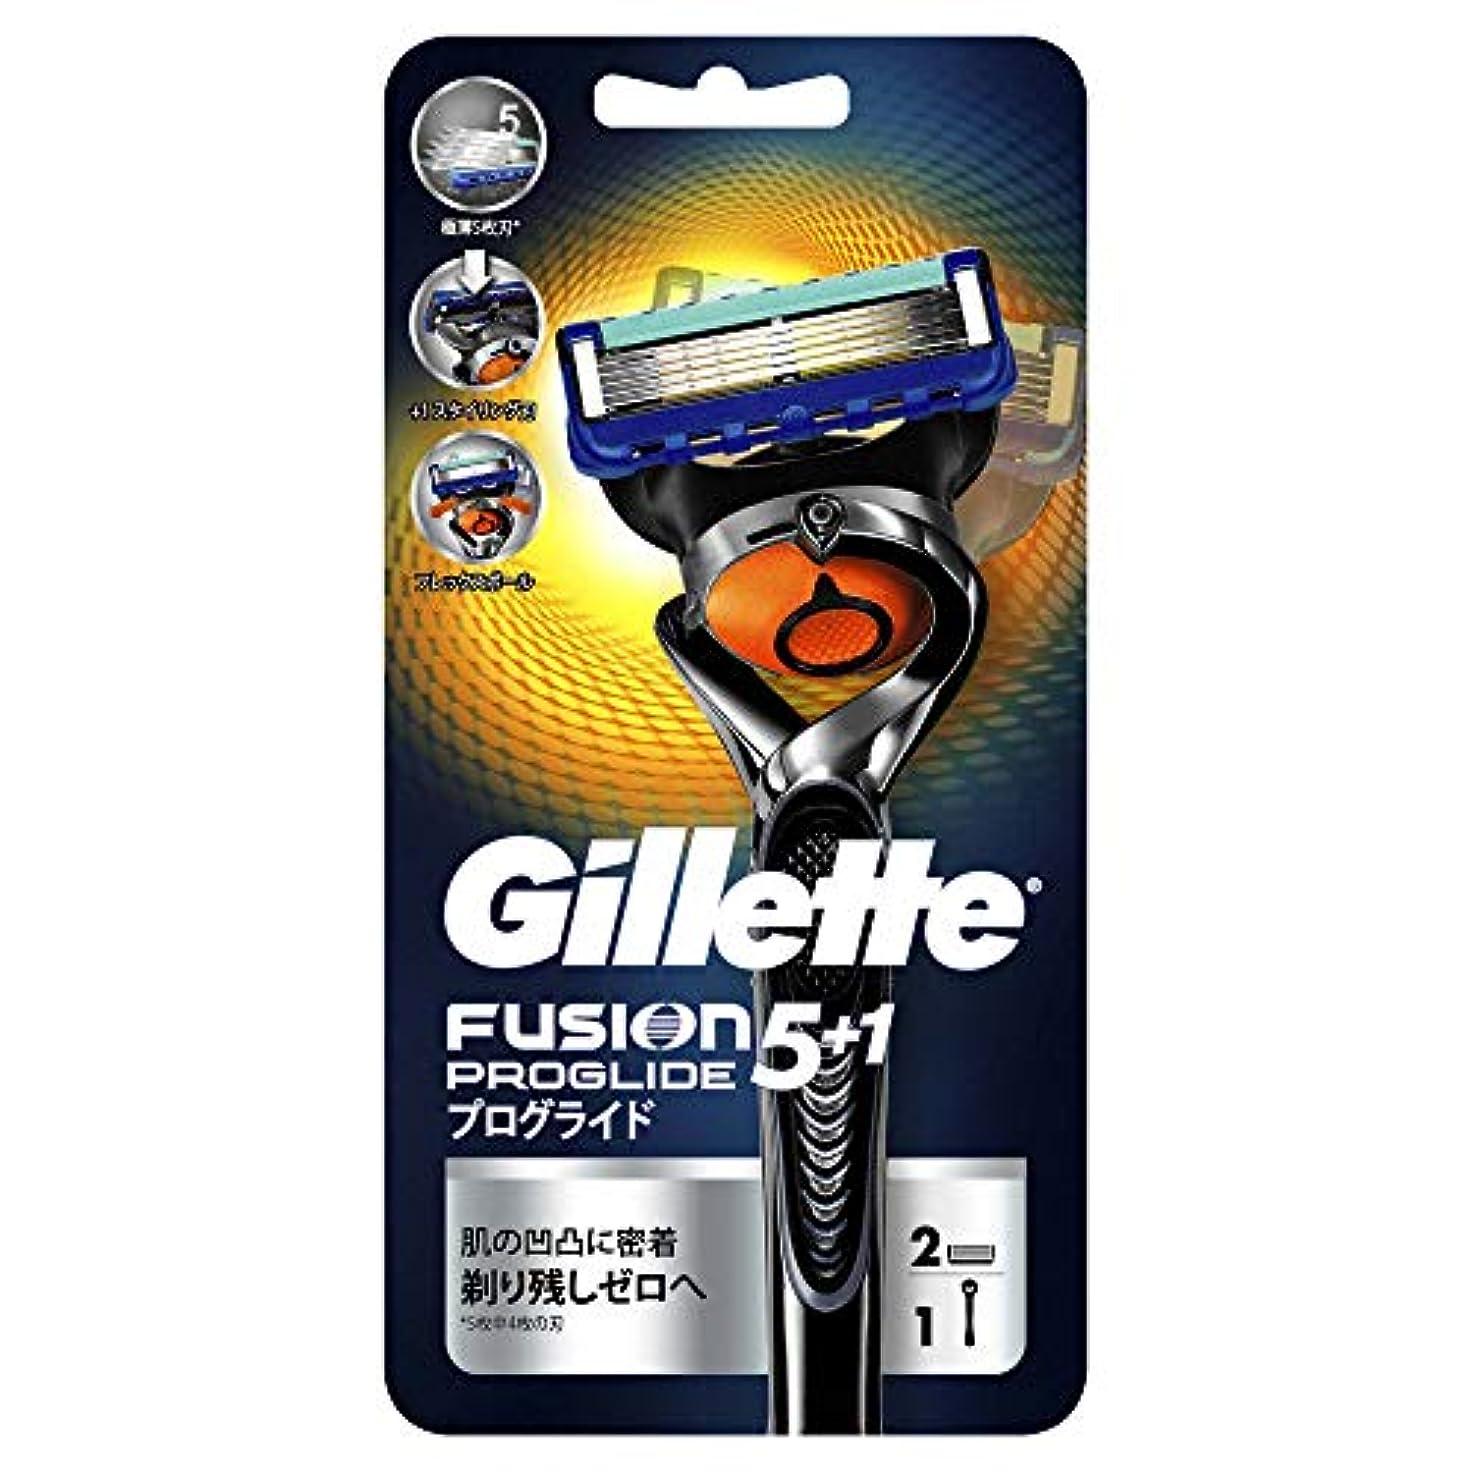 発表拡張ジョットディボンドンジレット プログライド フレックスボール マニュアル 髭剃り 本体 替刃2個付